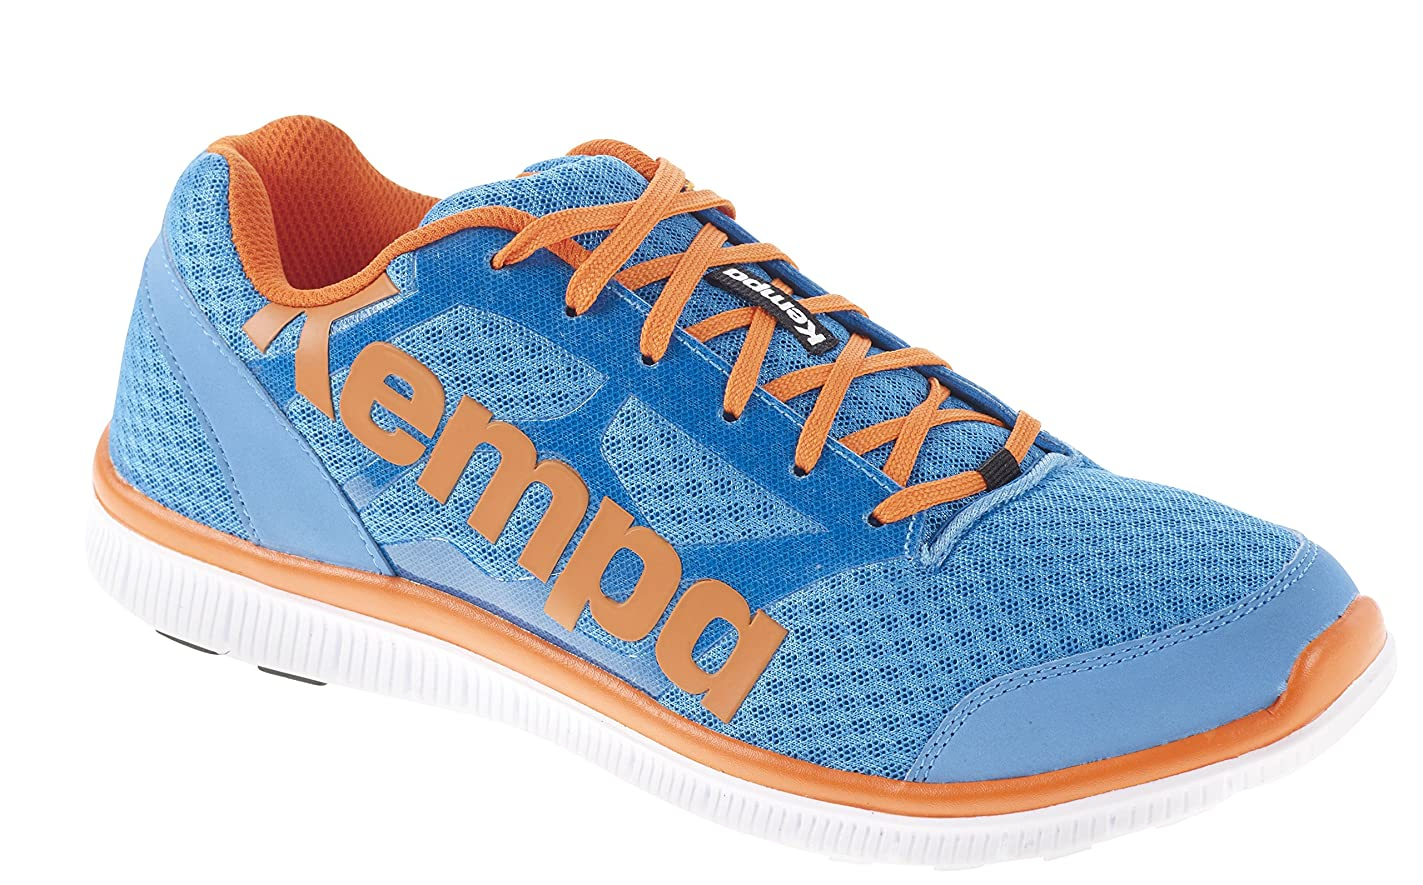 ブランド名性差別表現Kempa K-Float大人用混合ハンドボールシューズ、色とりどり(Kempableu/Orange)38.5 EU